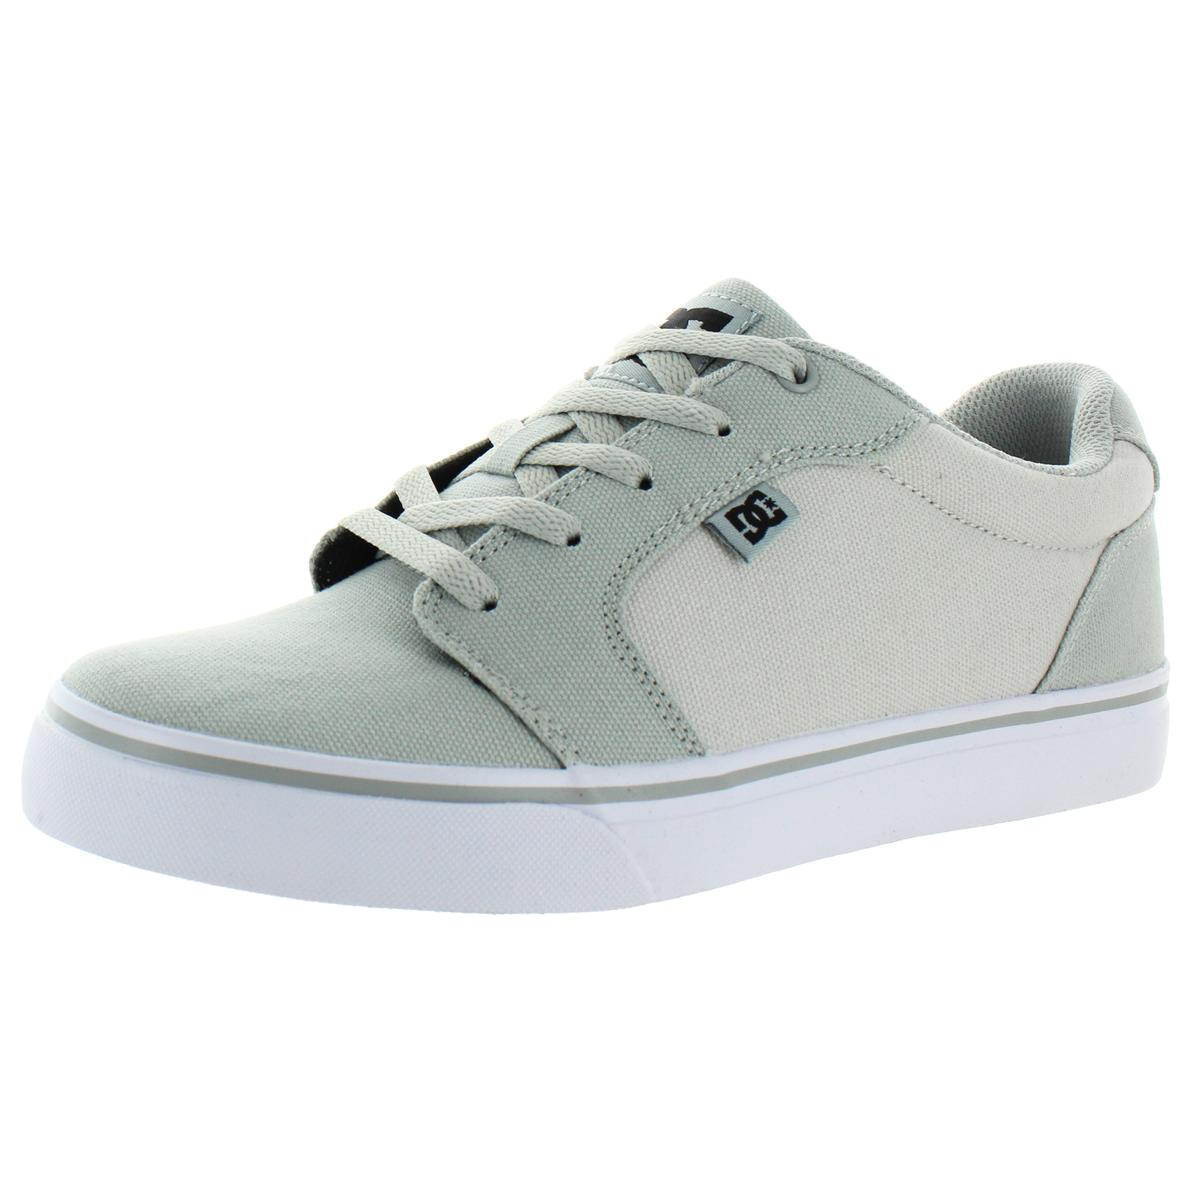 DC Shoes Men's Anvil TX Canvas Low Top